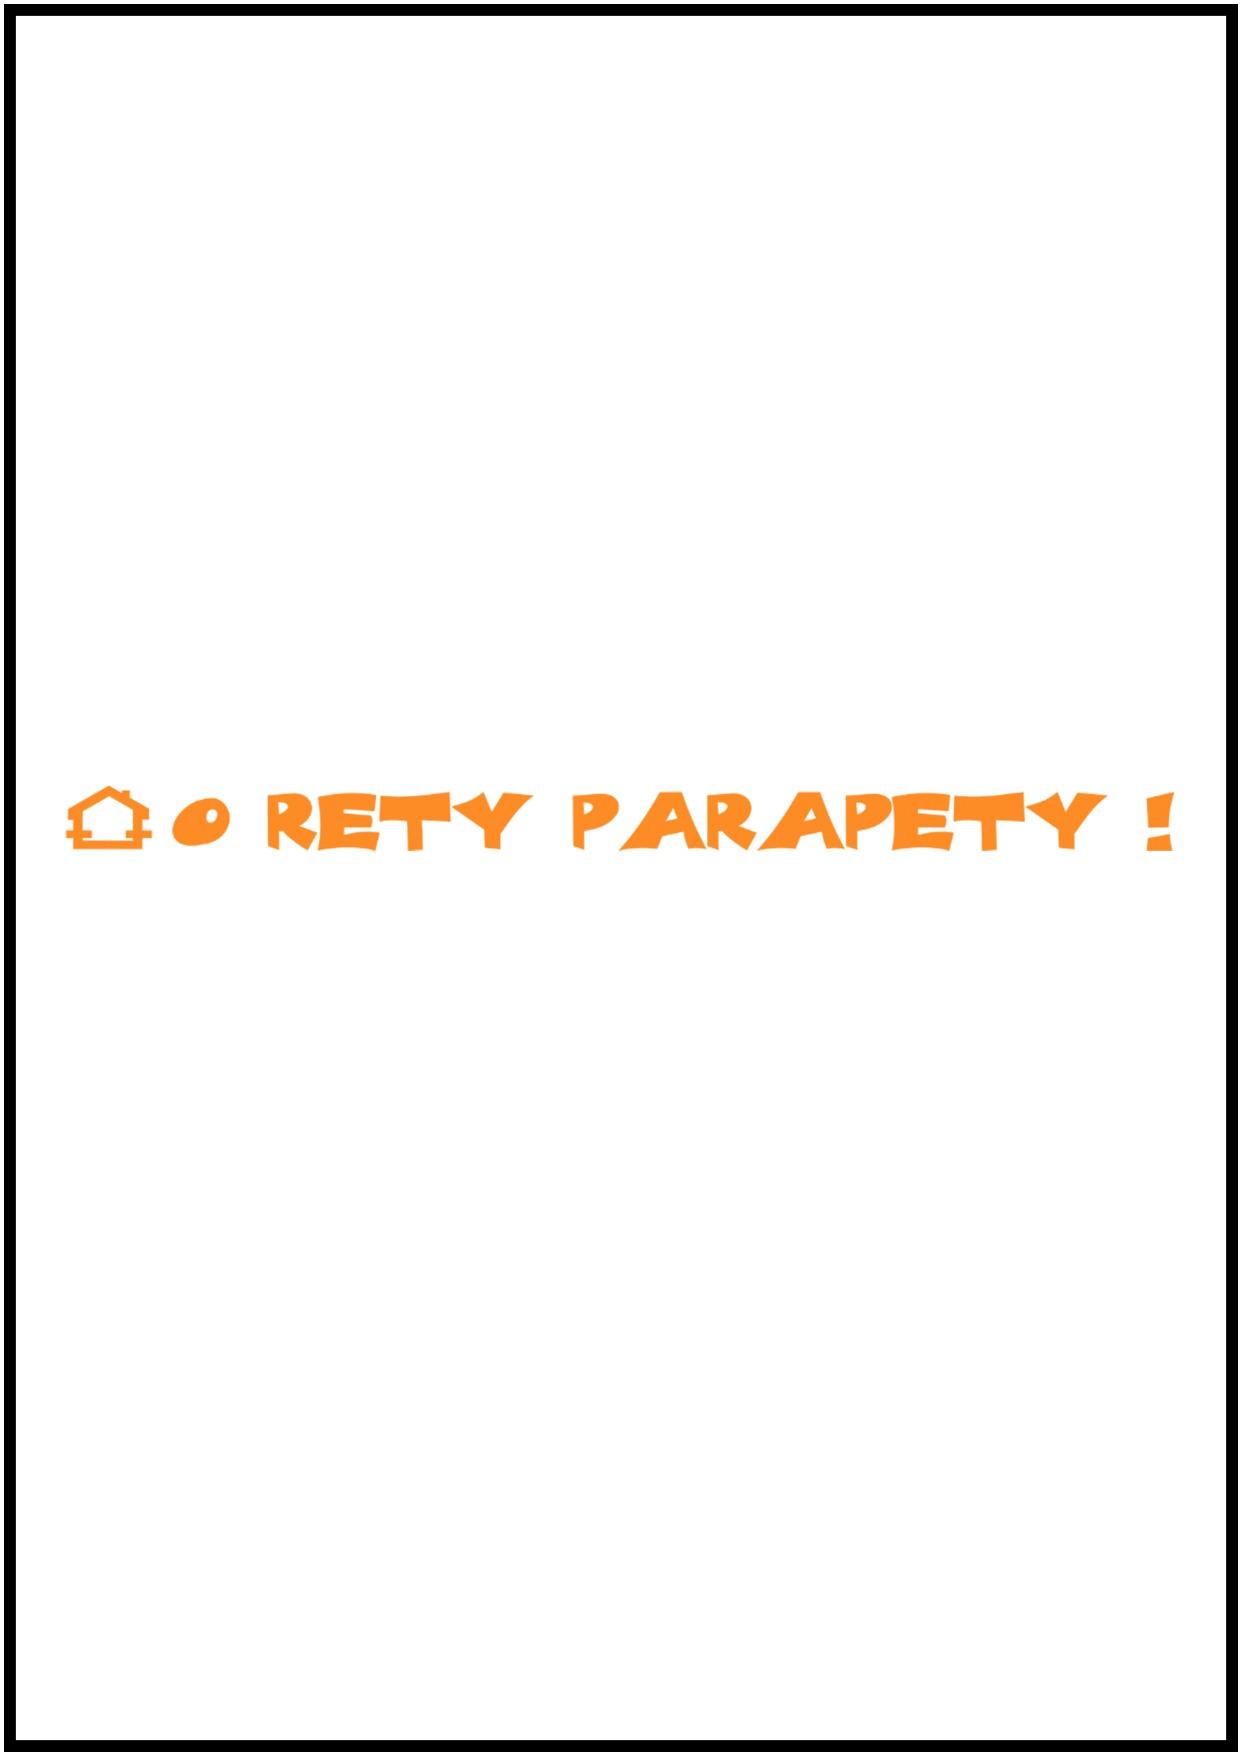 katalog parapety o rety parapety